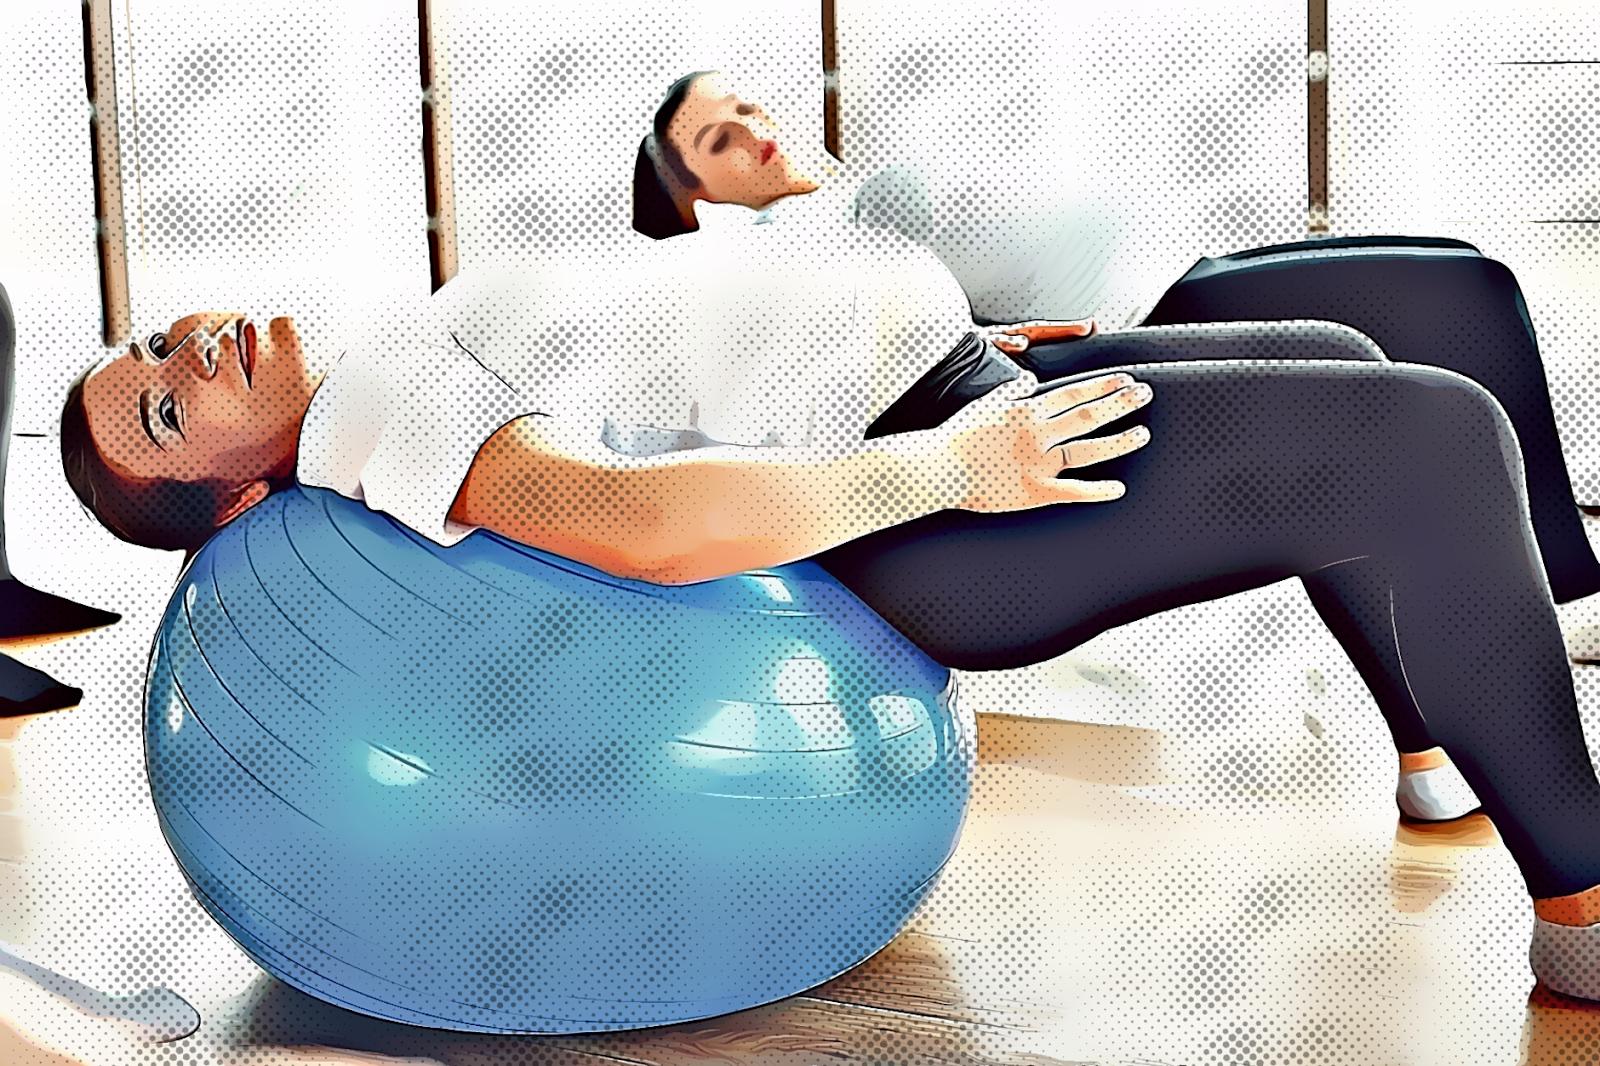 Activities pregnant women